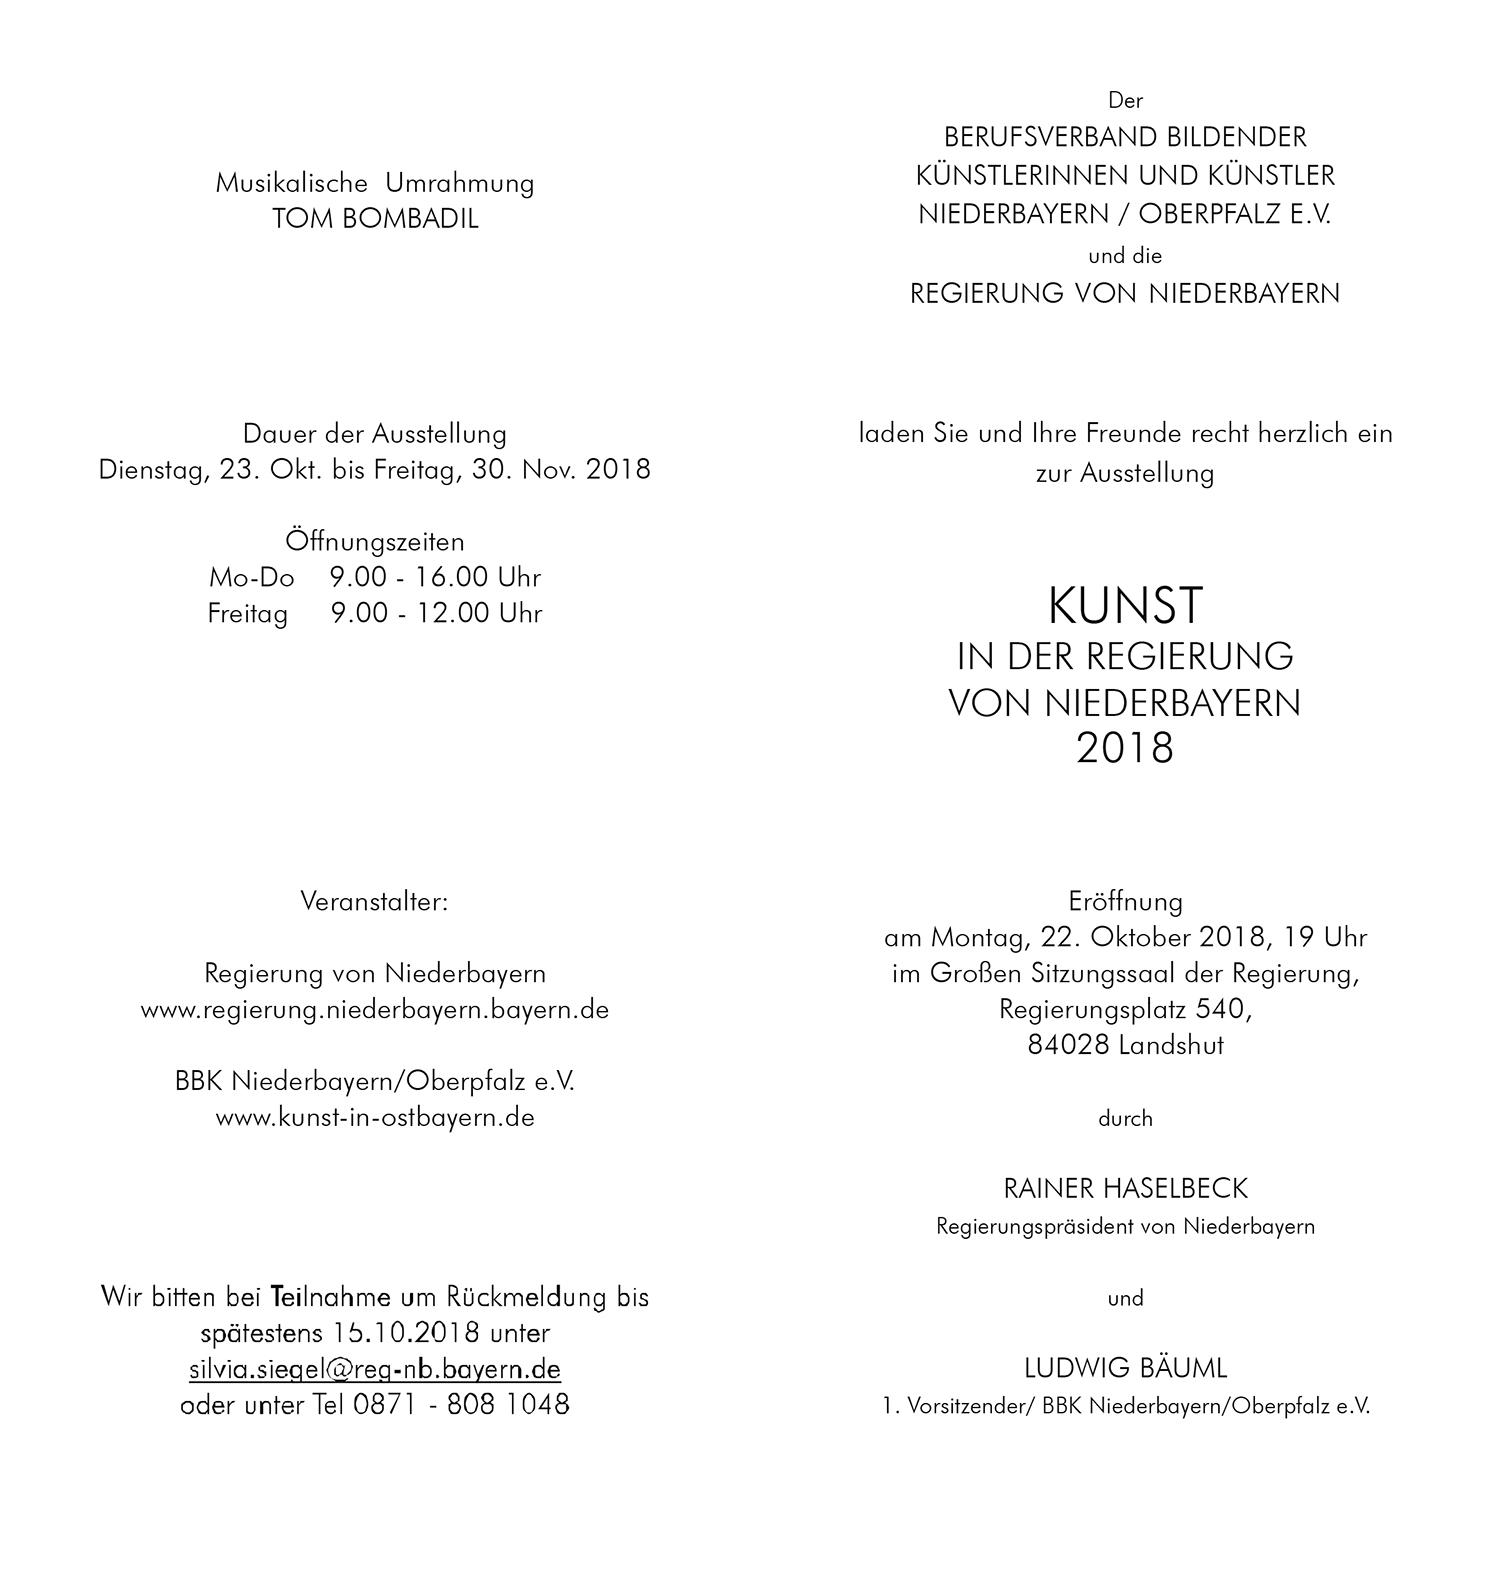 Einladungskarte zur Ausstellungseröffnung